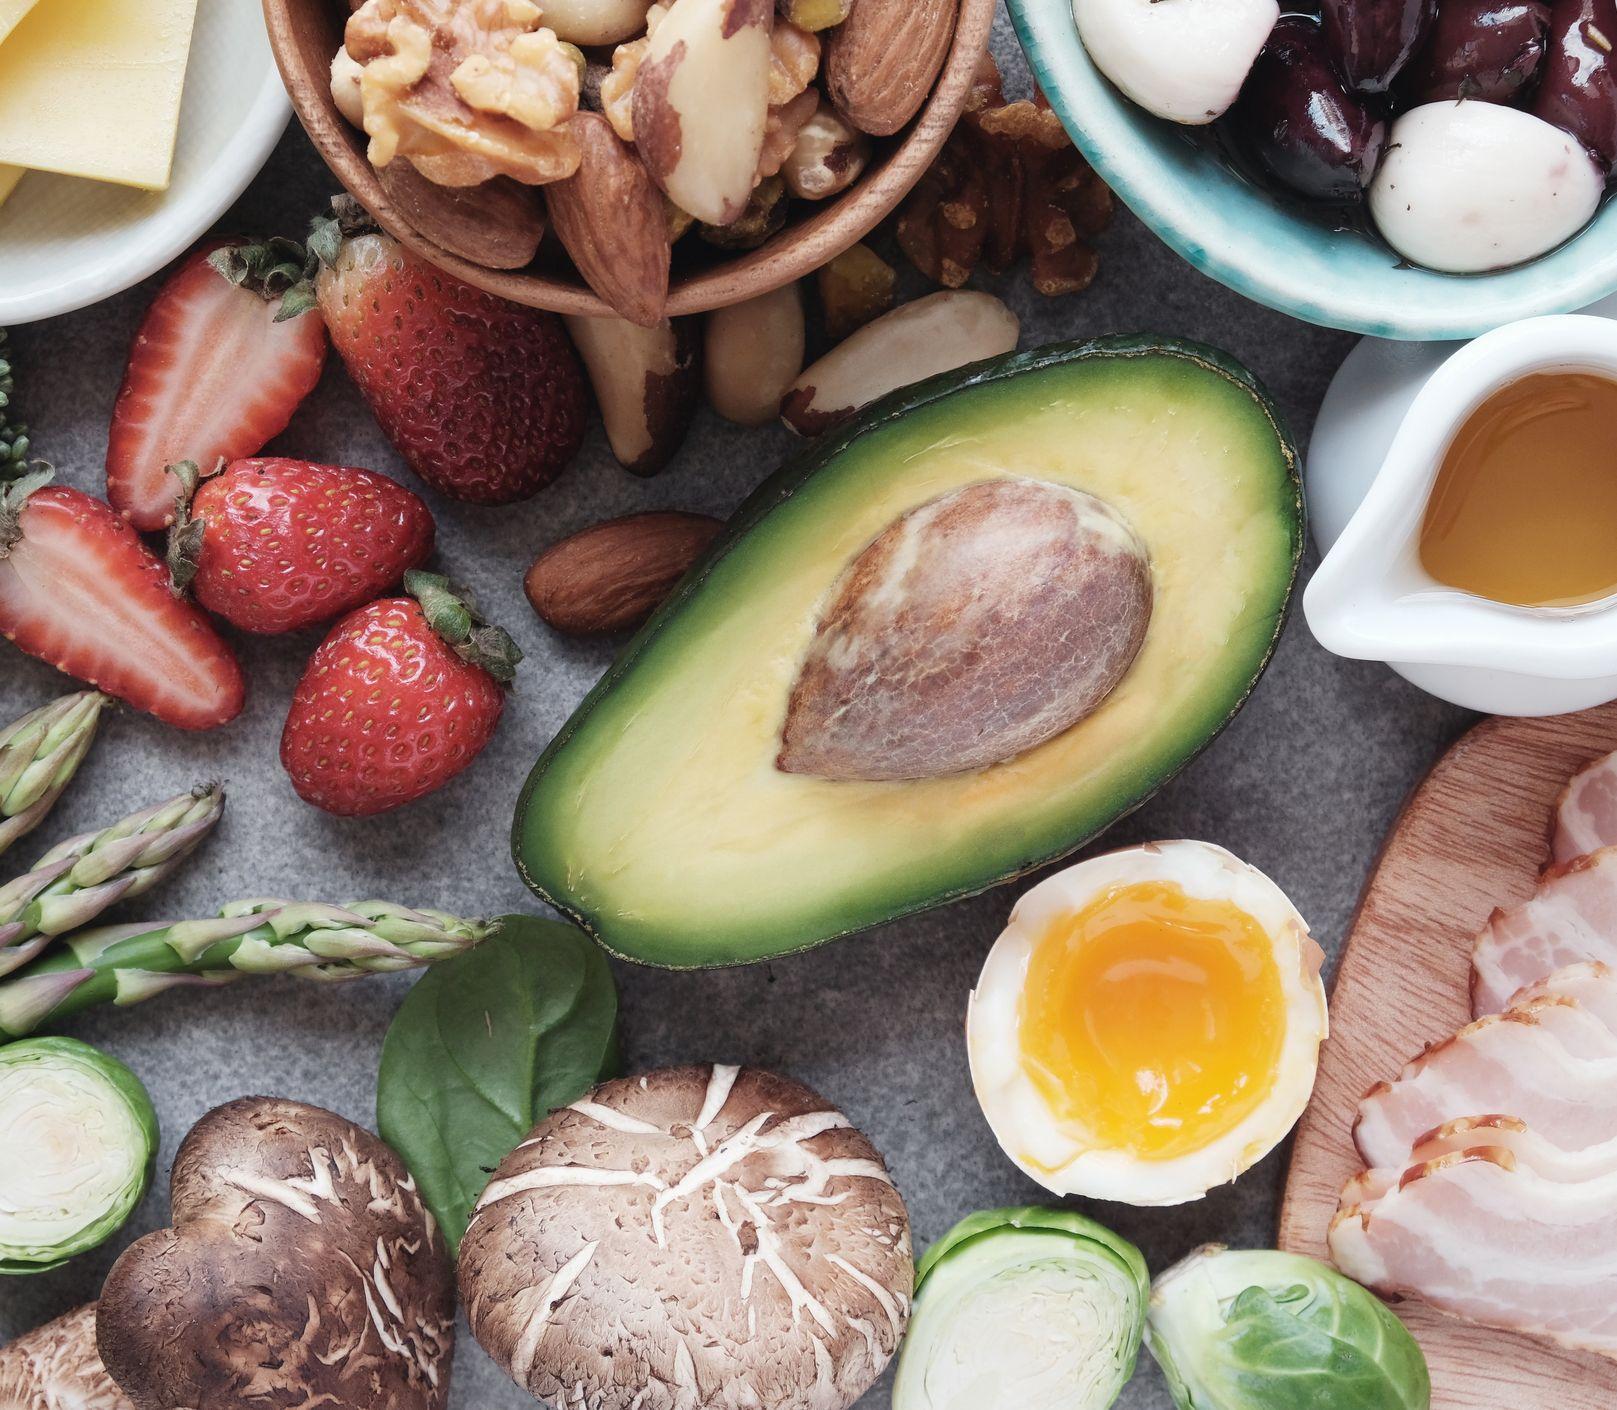 Populárna diéta nahrádza klasický pôst: Odborníci upozorňujú na vážne riziká